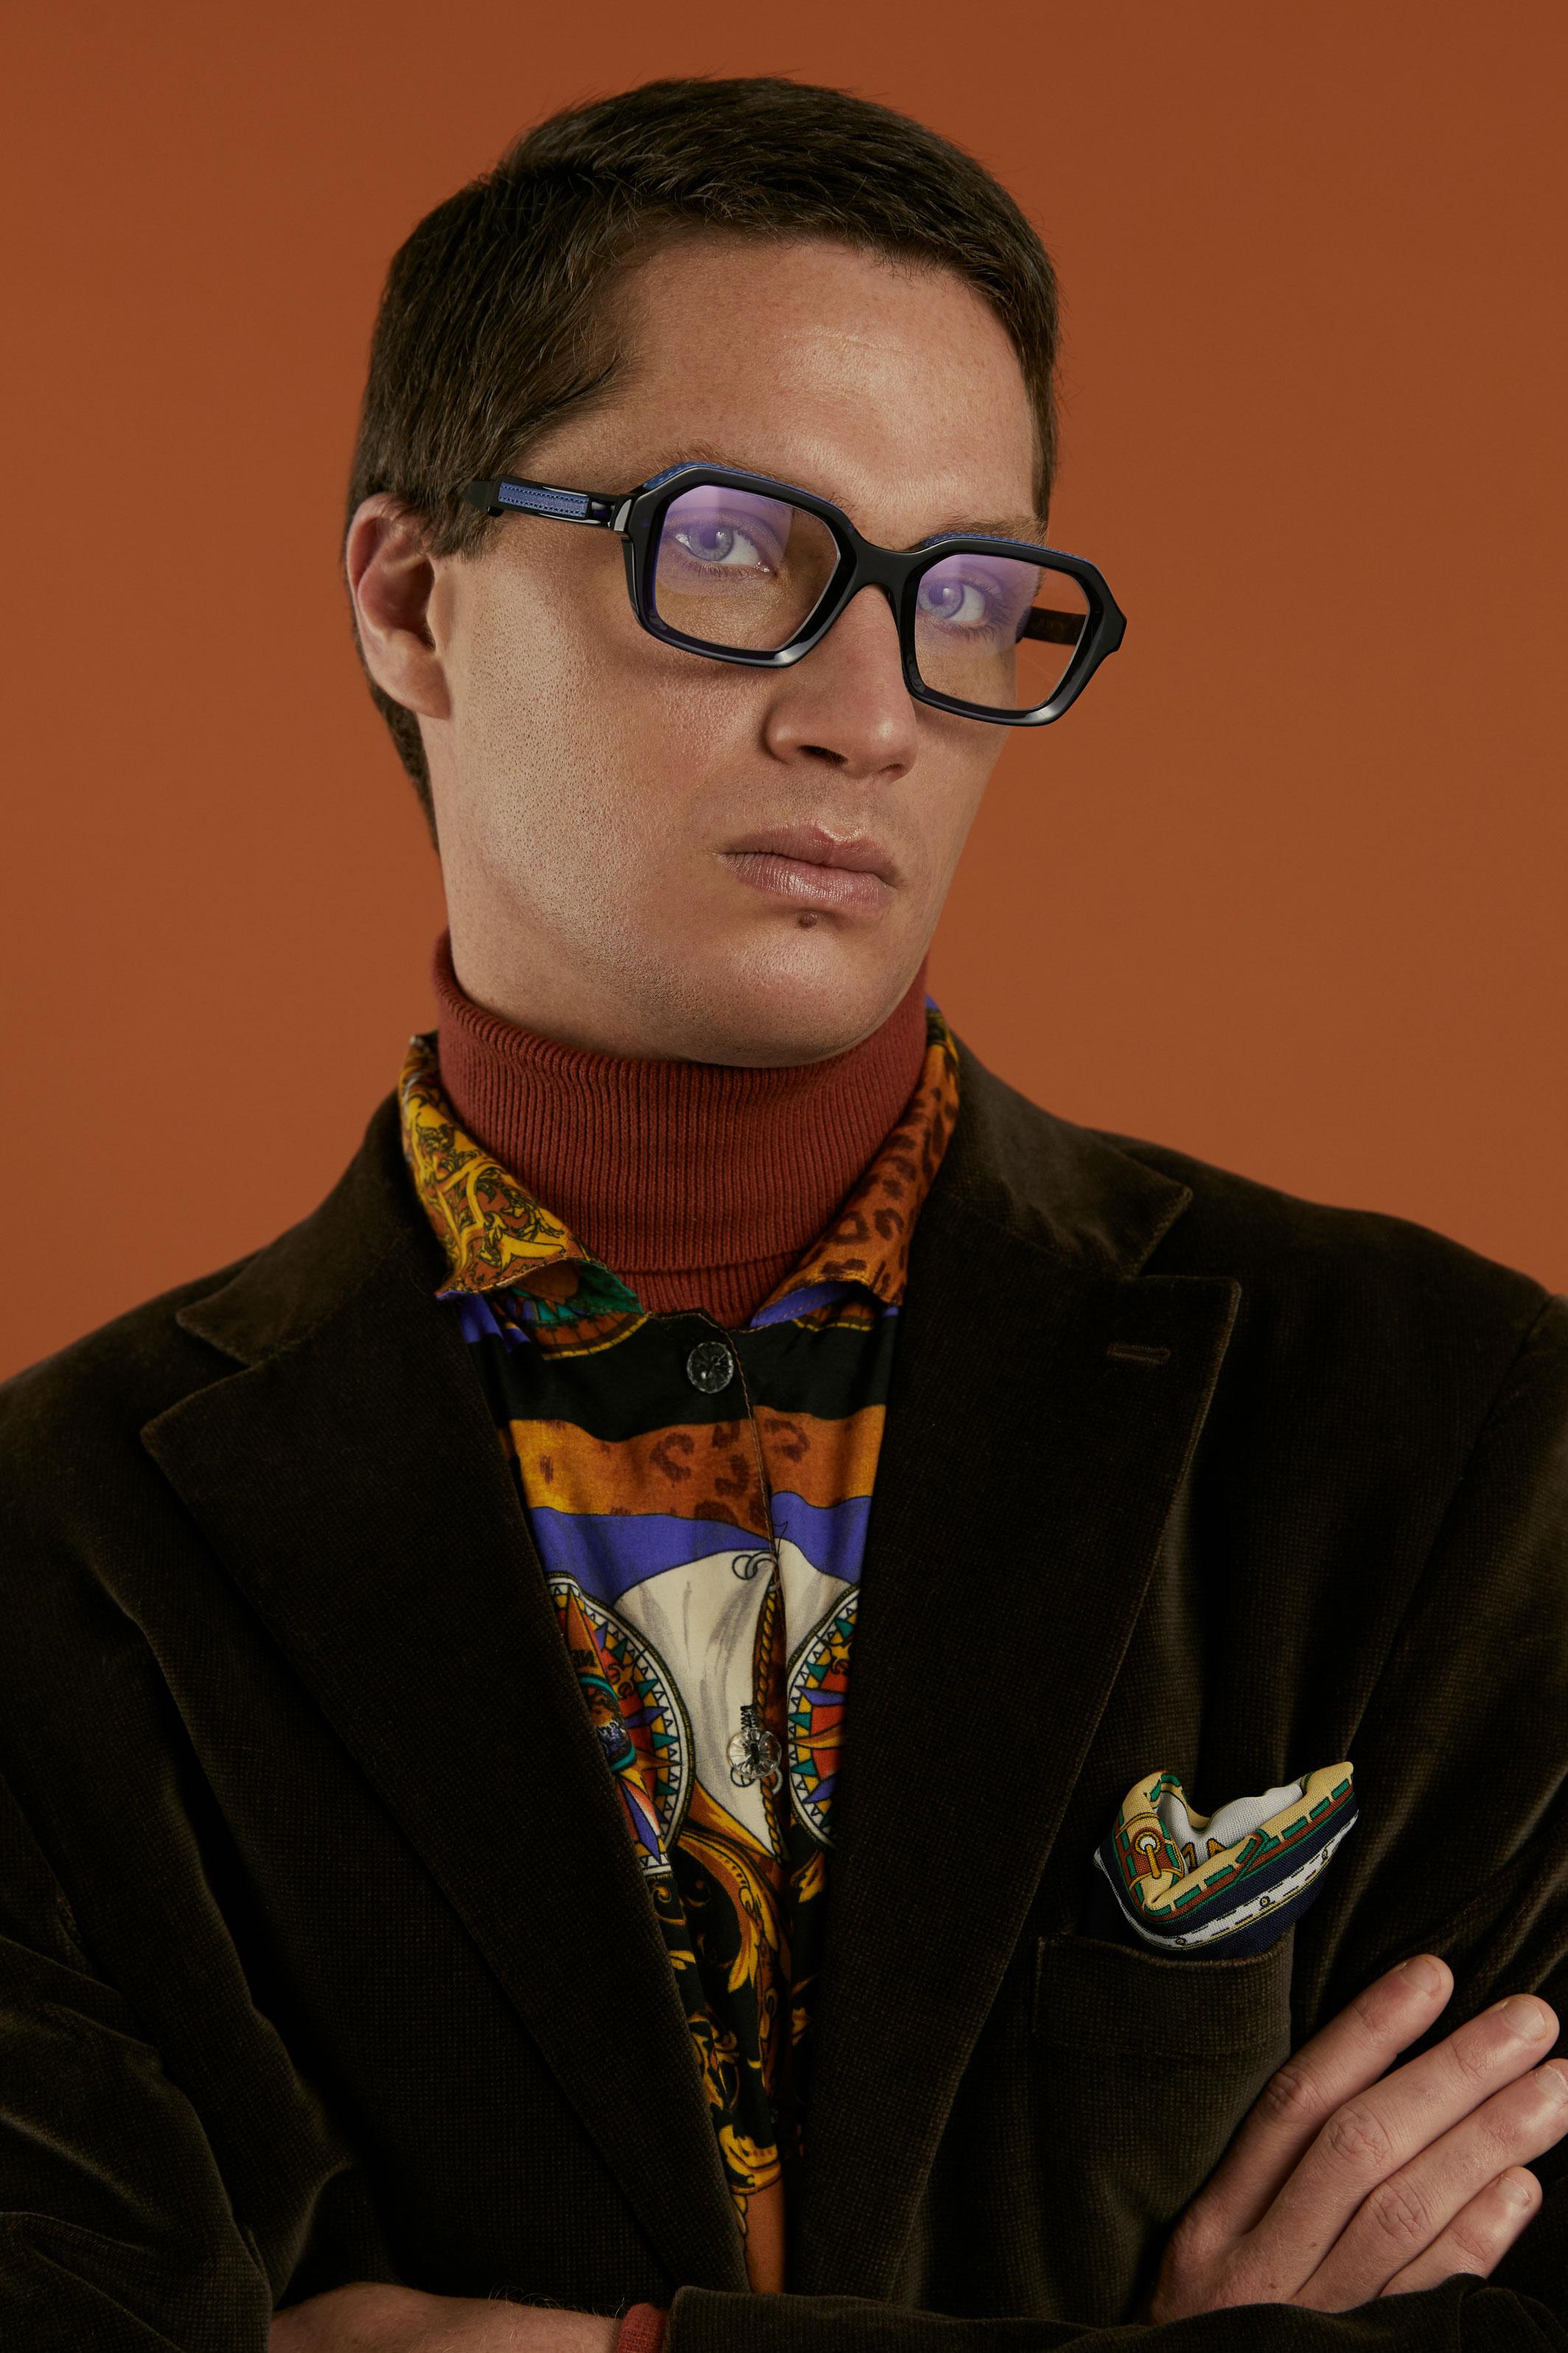 photographe mode et portrait en studio pour boutique de lunettes à Brest